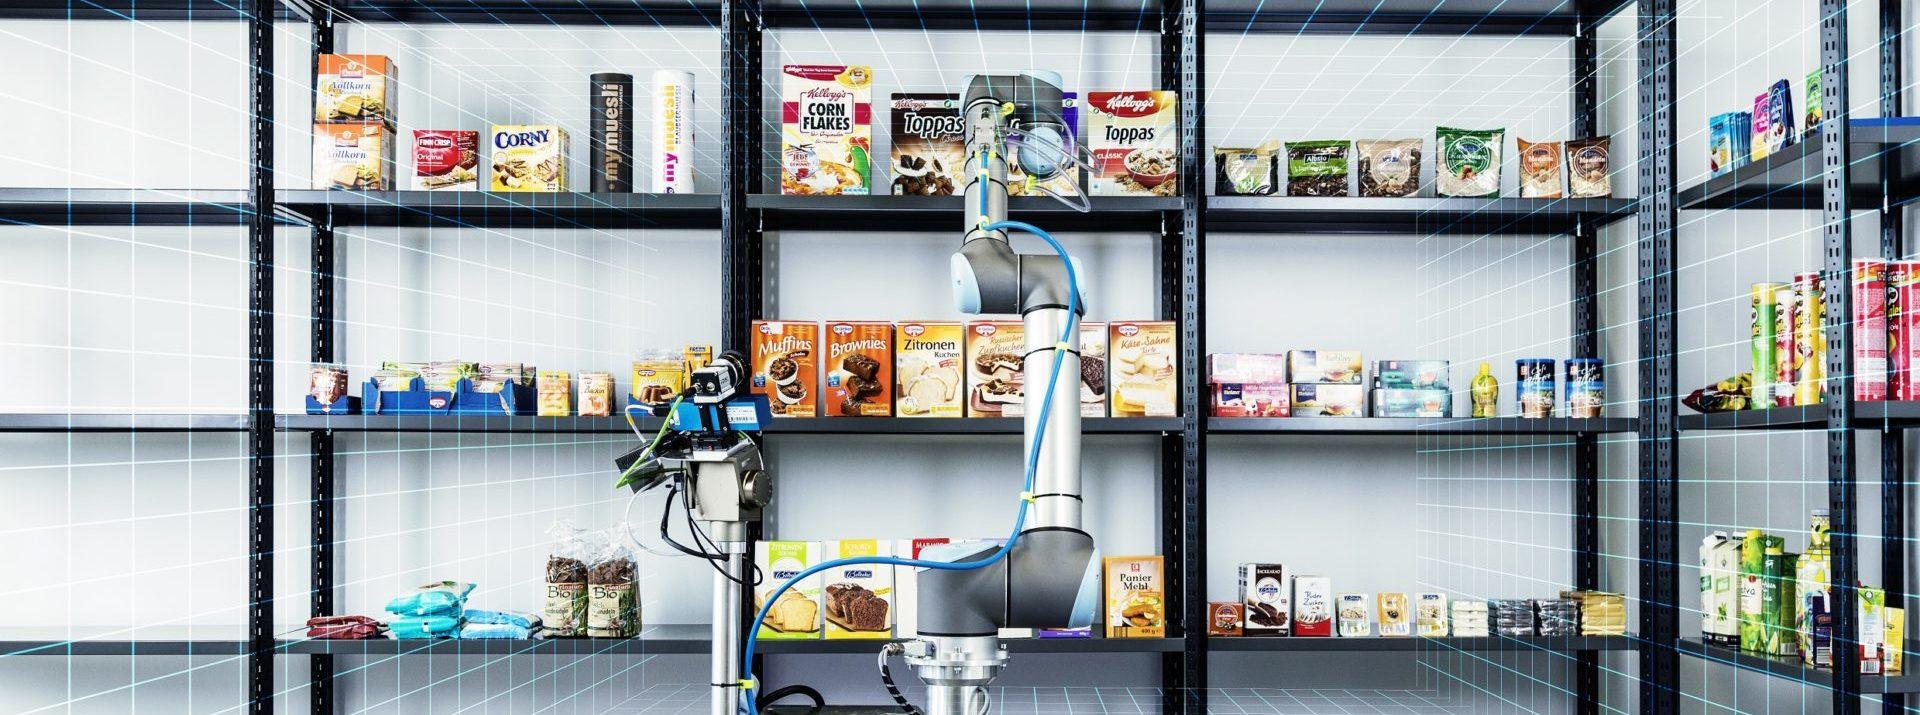 KI-Anwendungsbeispiel: Roboter, der Lebensmittel von einem Regal nimmt